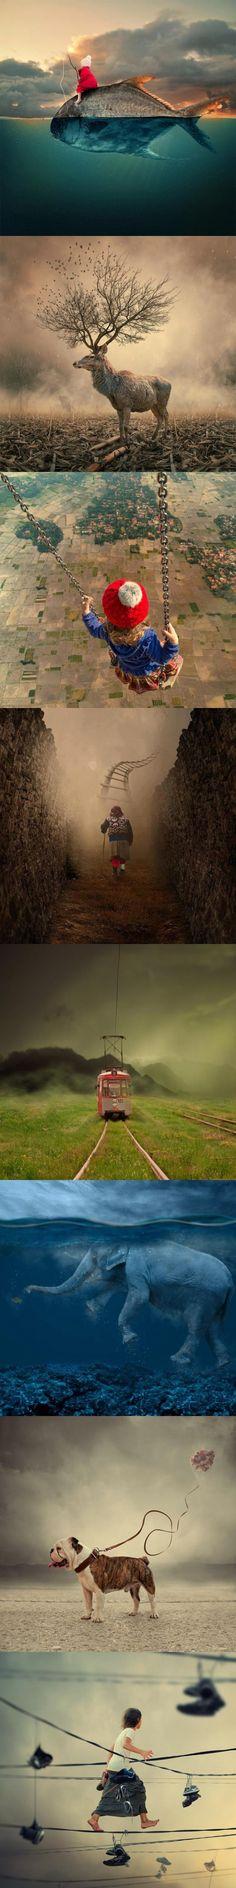 Fotografías surrealistas que no existen